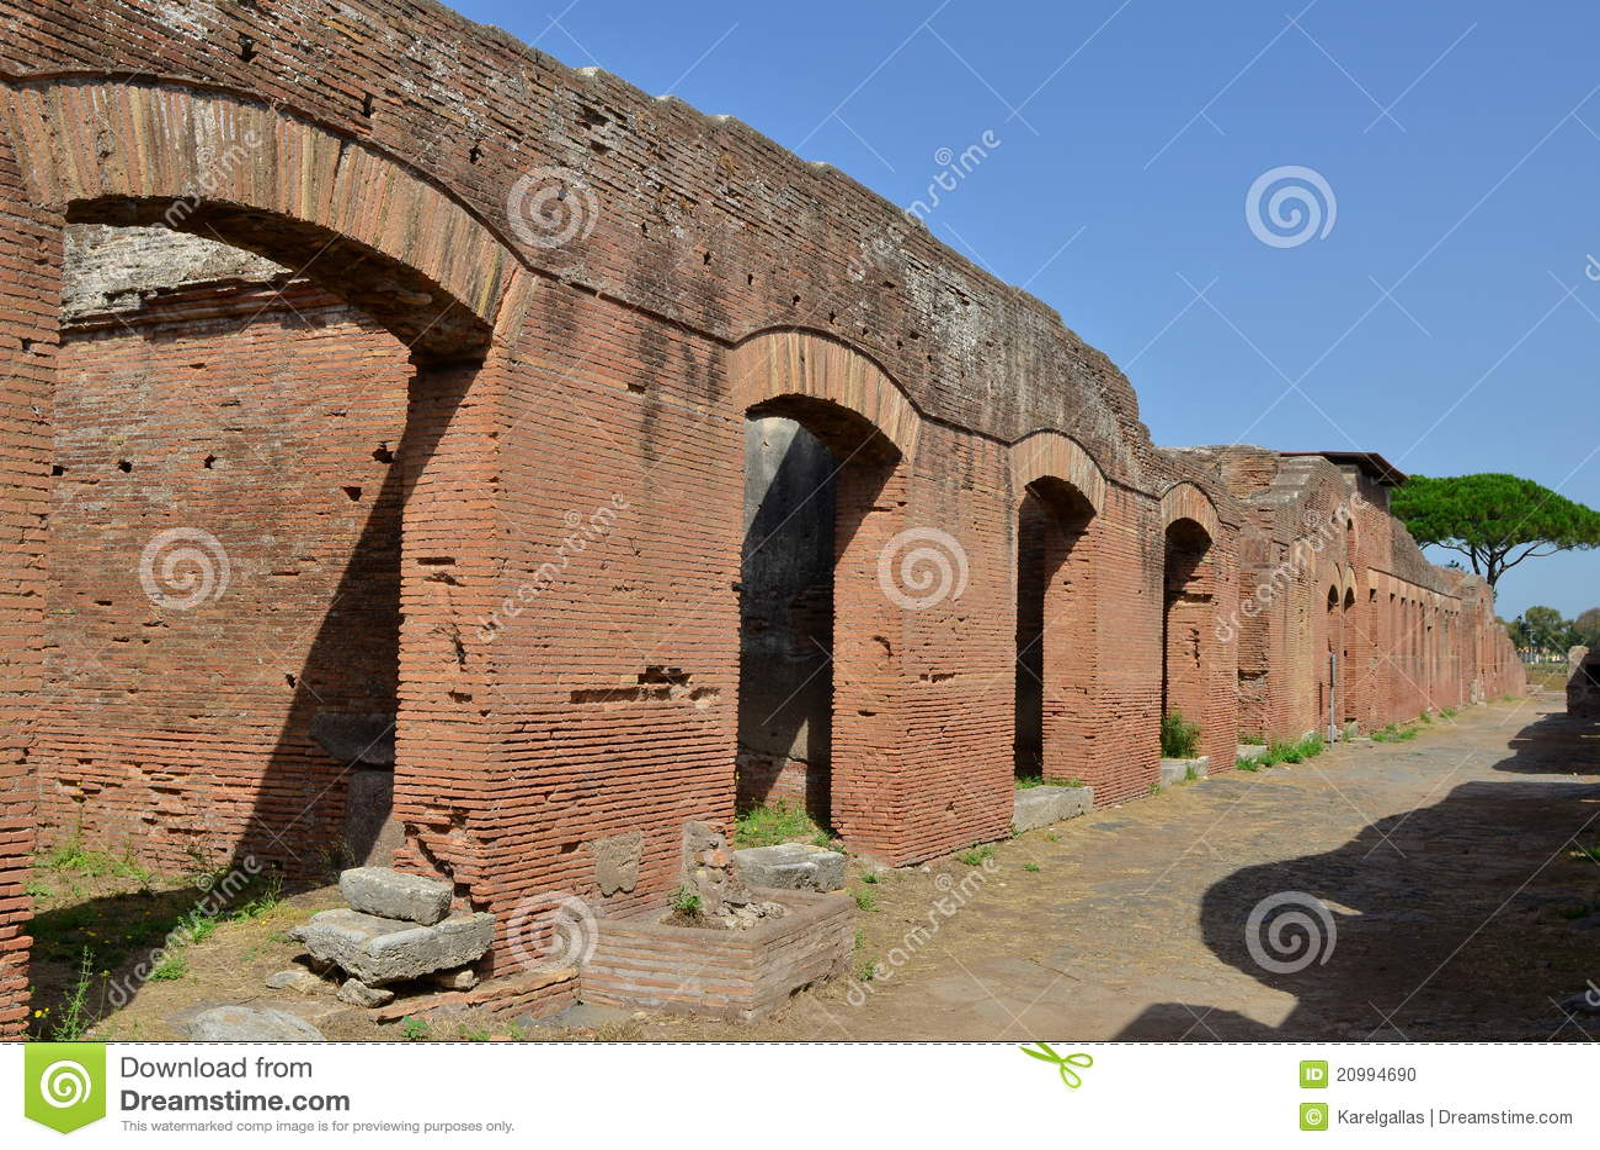 Ostia antica near rome in italy stock photo image 20994690 for Mr arredamenti ostia antica